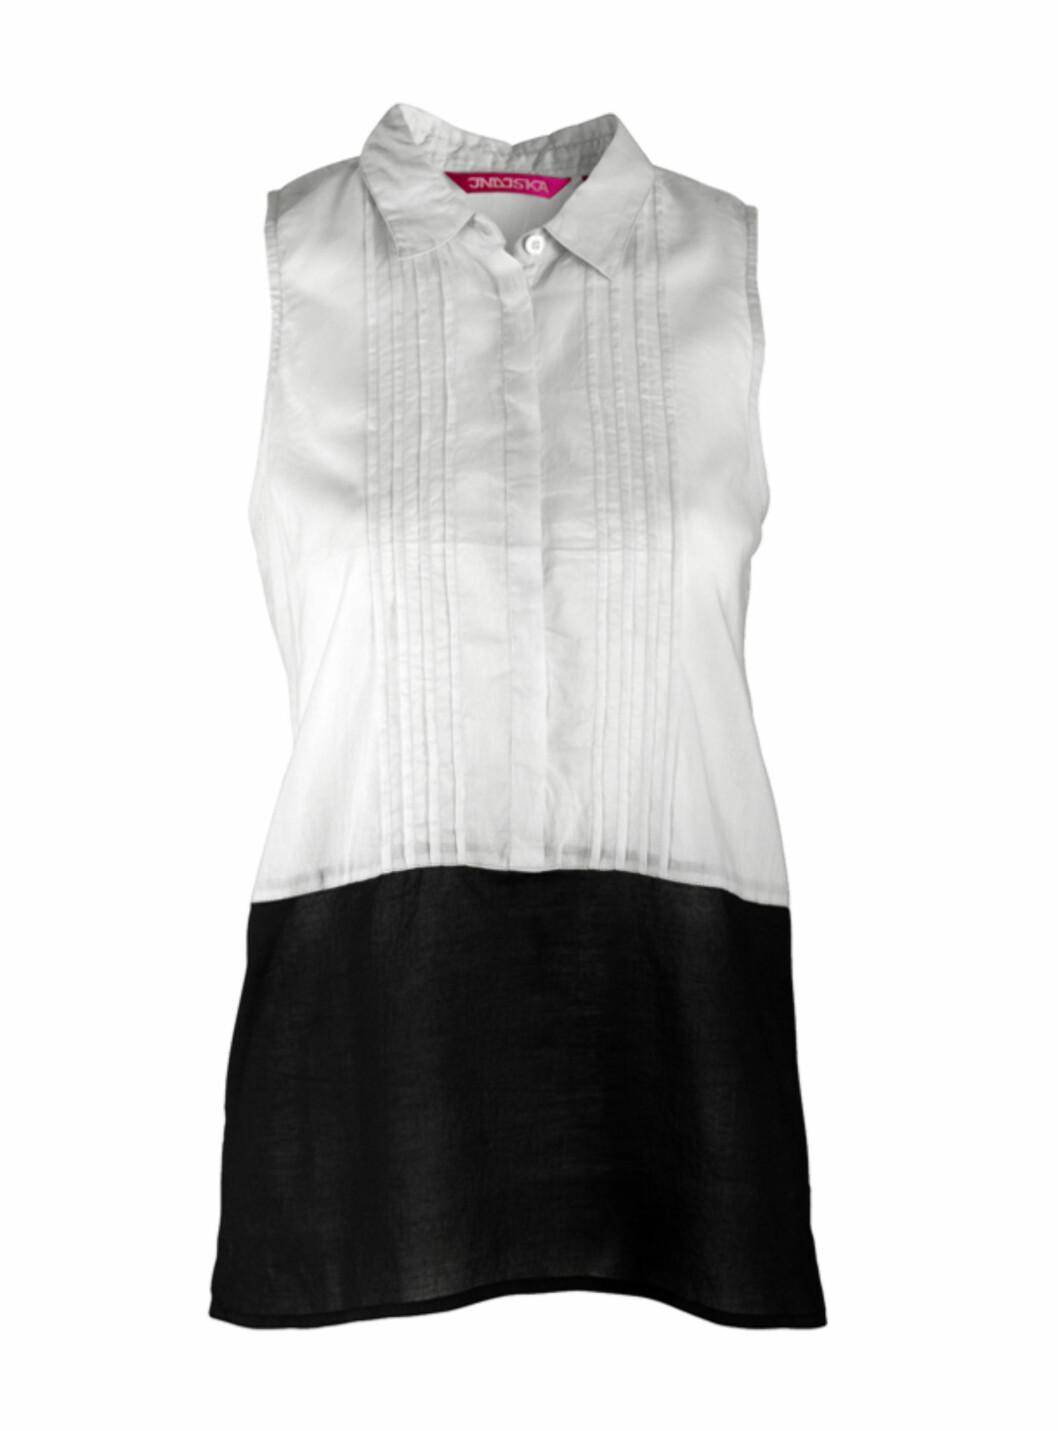 Ermeløs skjorte med kontrastkant (kr.199/Indiska). Foto: Produsenten